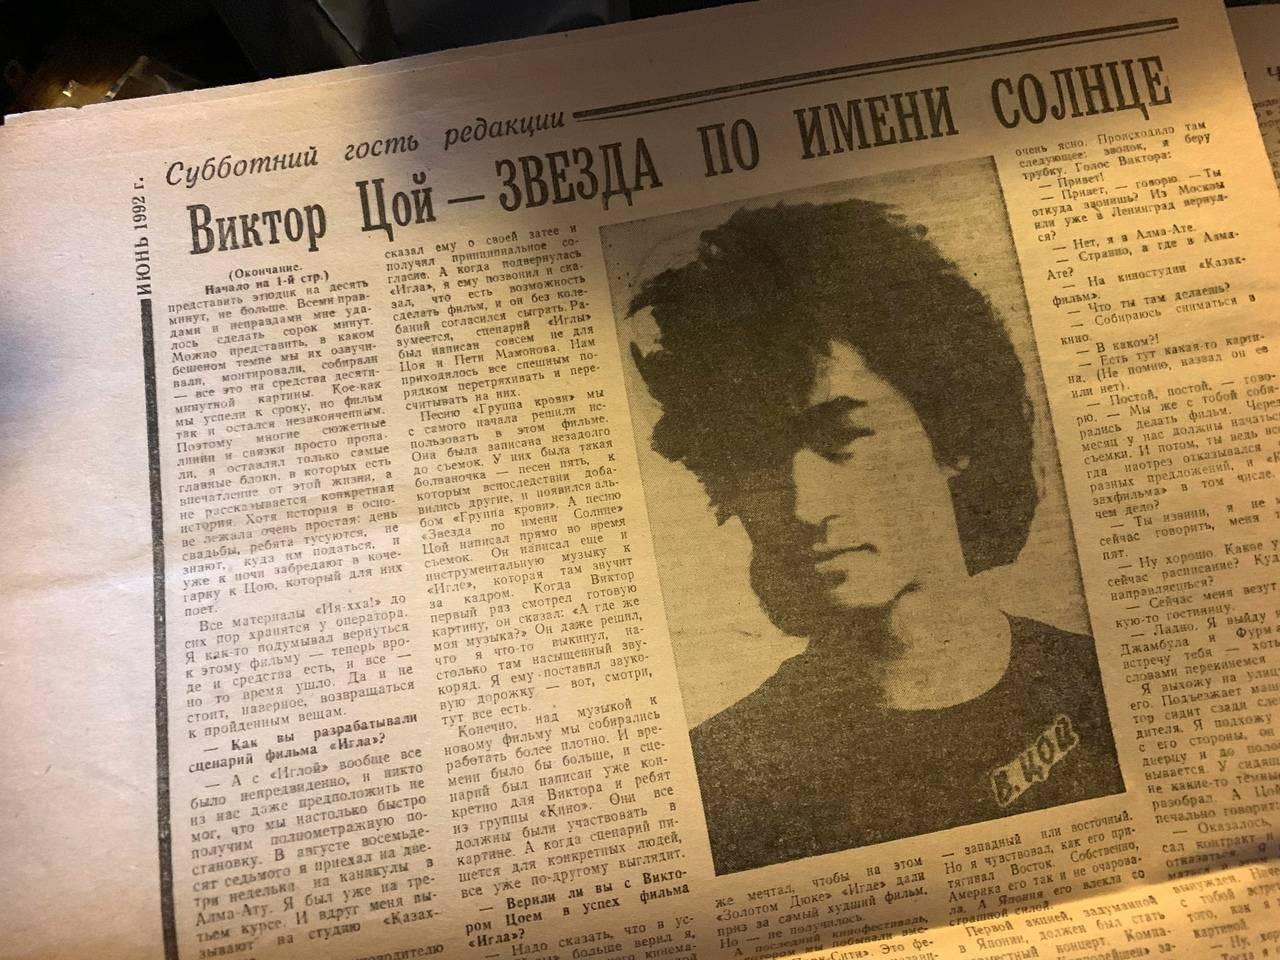 Интервью с кинорежиссером «Иглы» Рашидом Нугмановым в публикации 1992 года